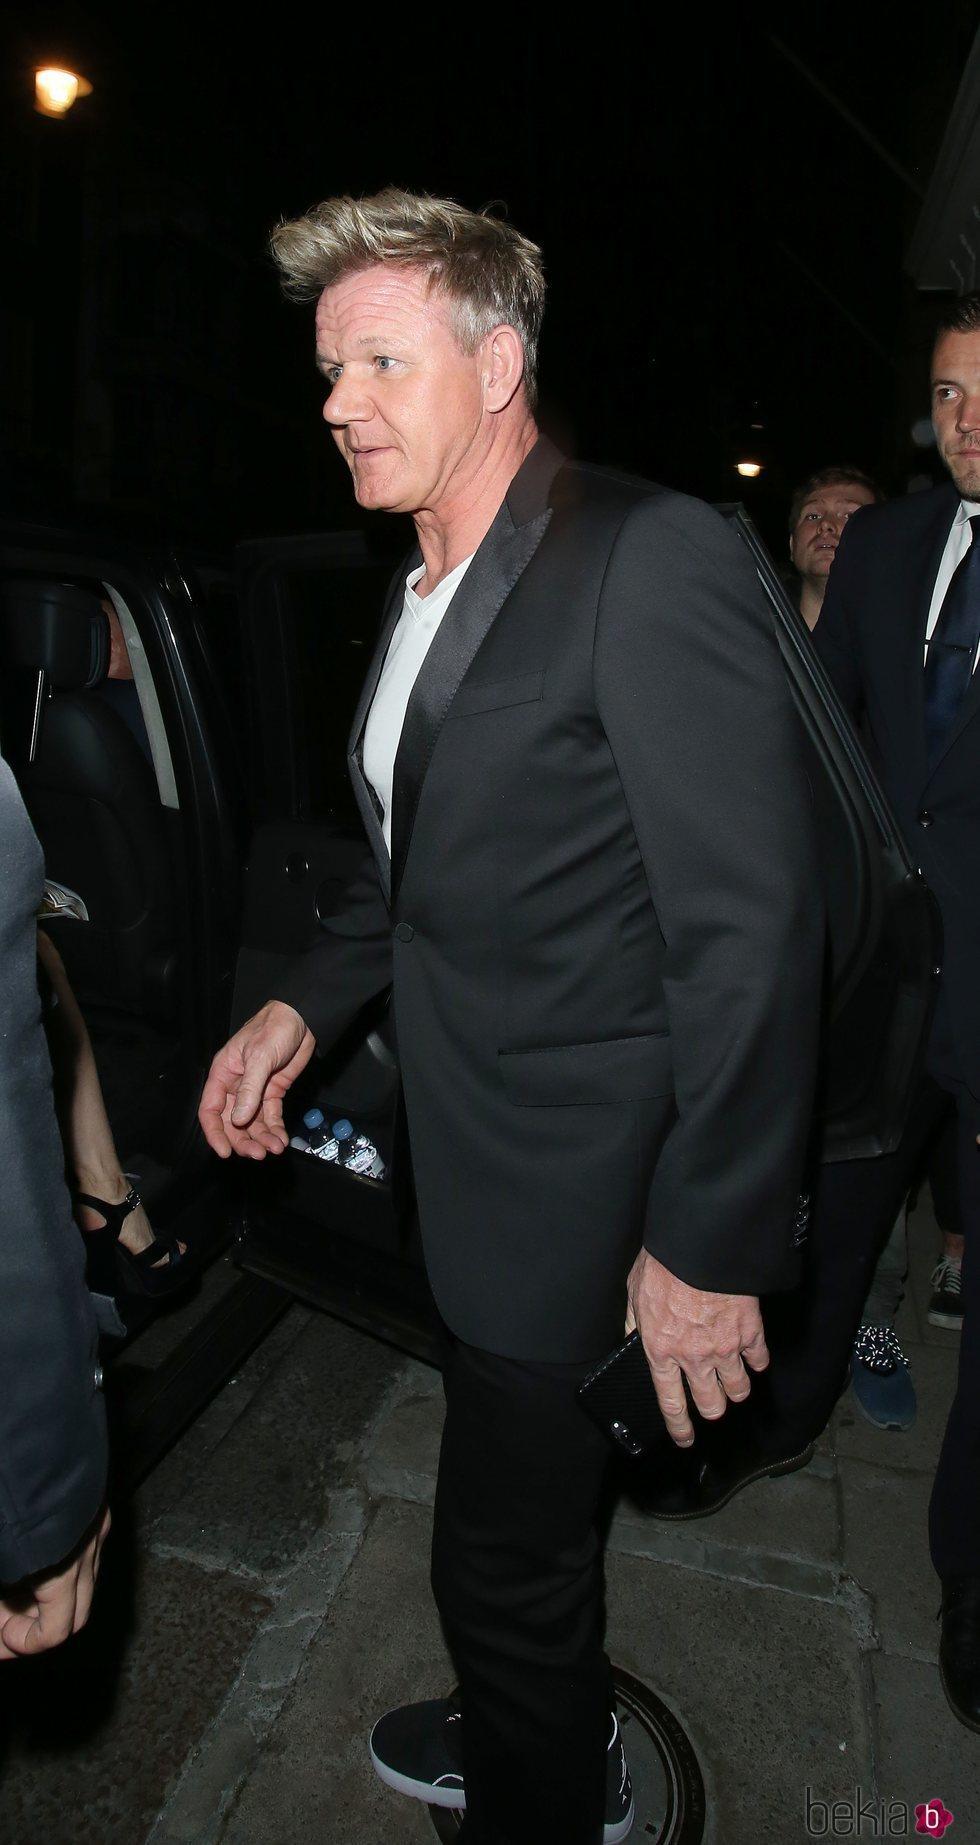 Gordon Ramsay en la fiesta del décimo aniversario de Victoria Beckham en la moda